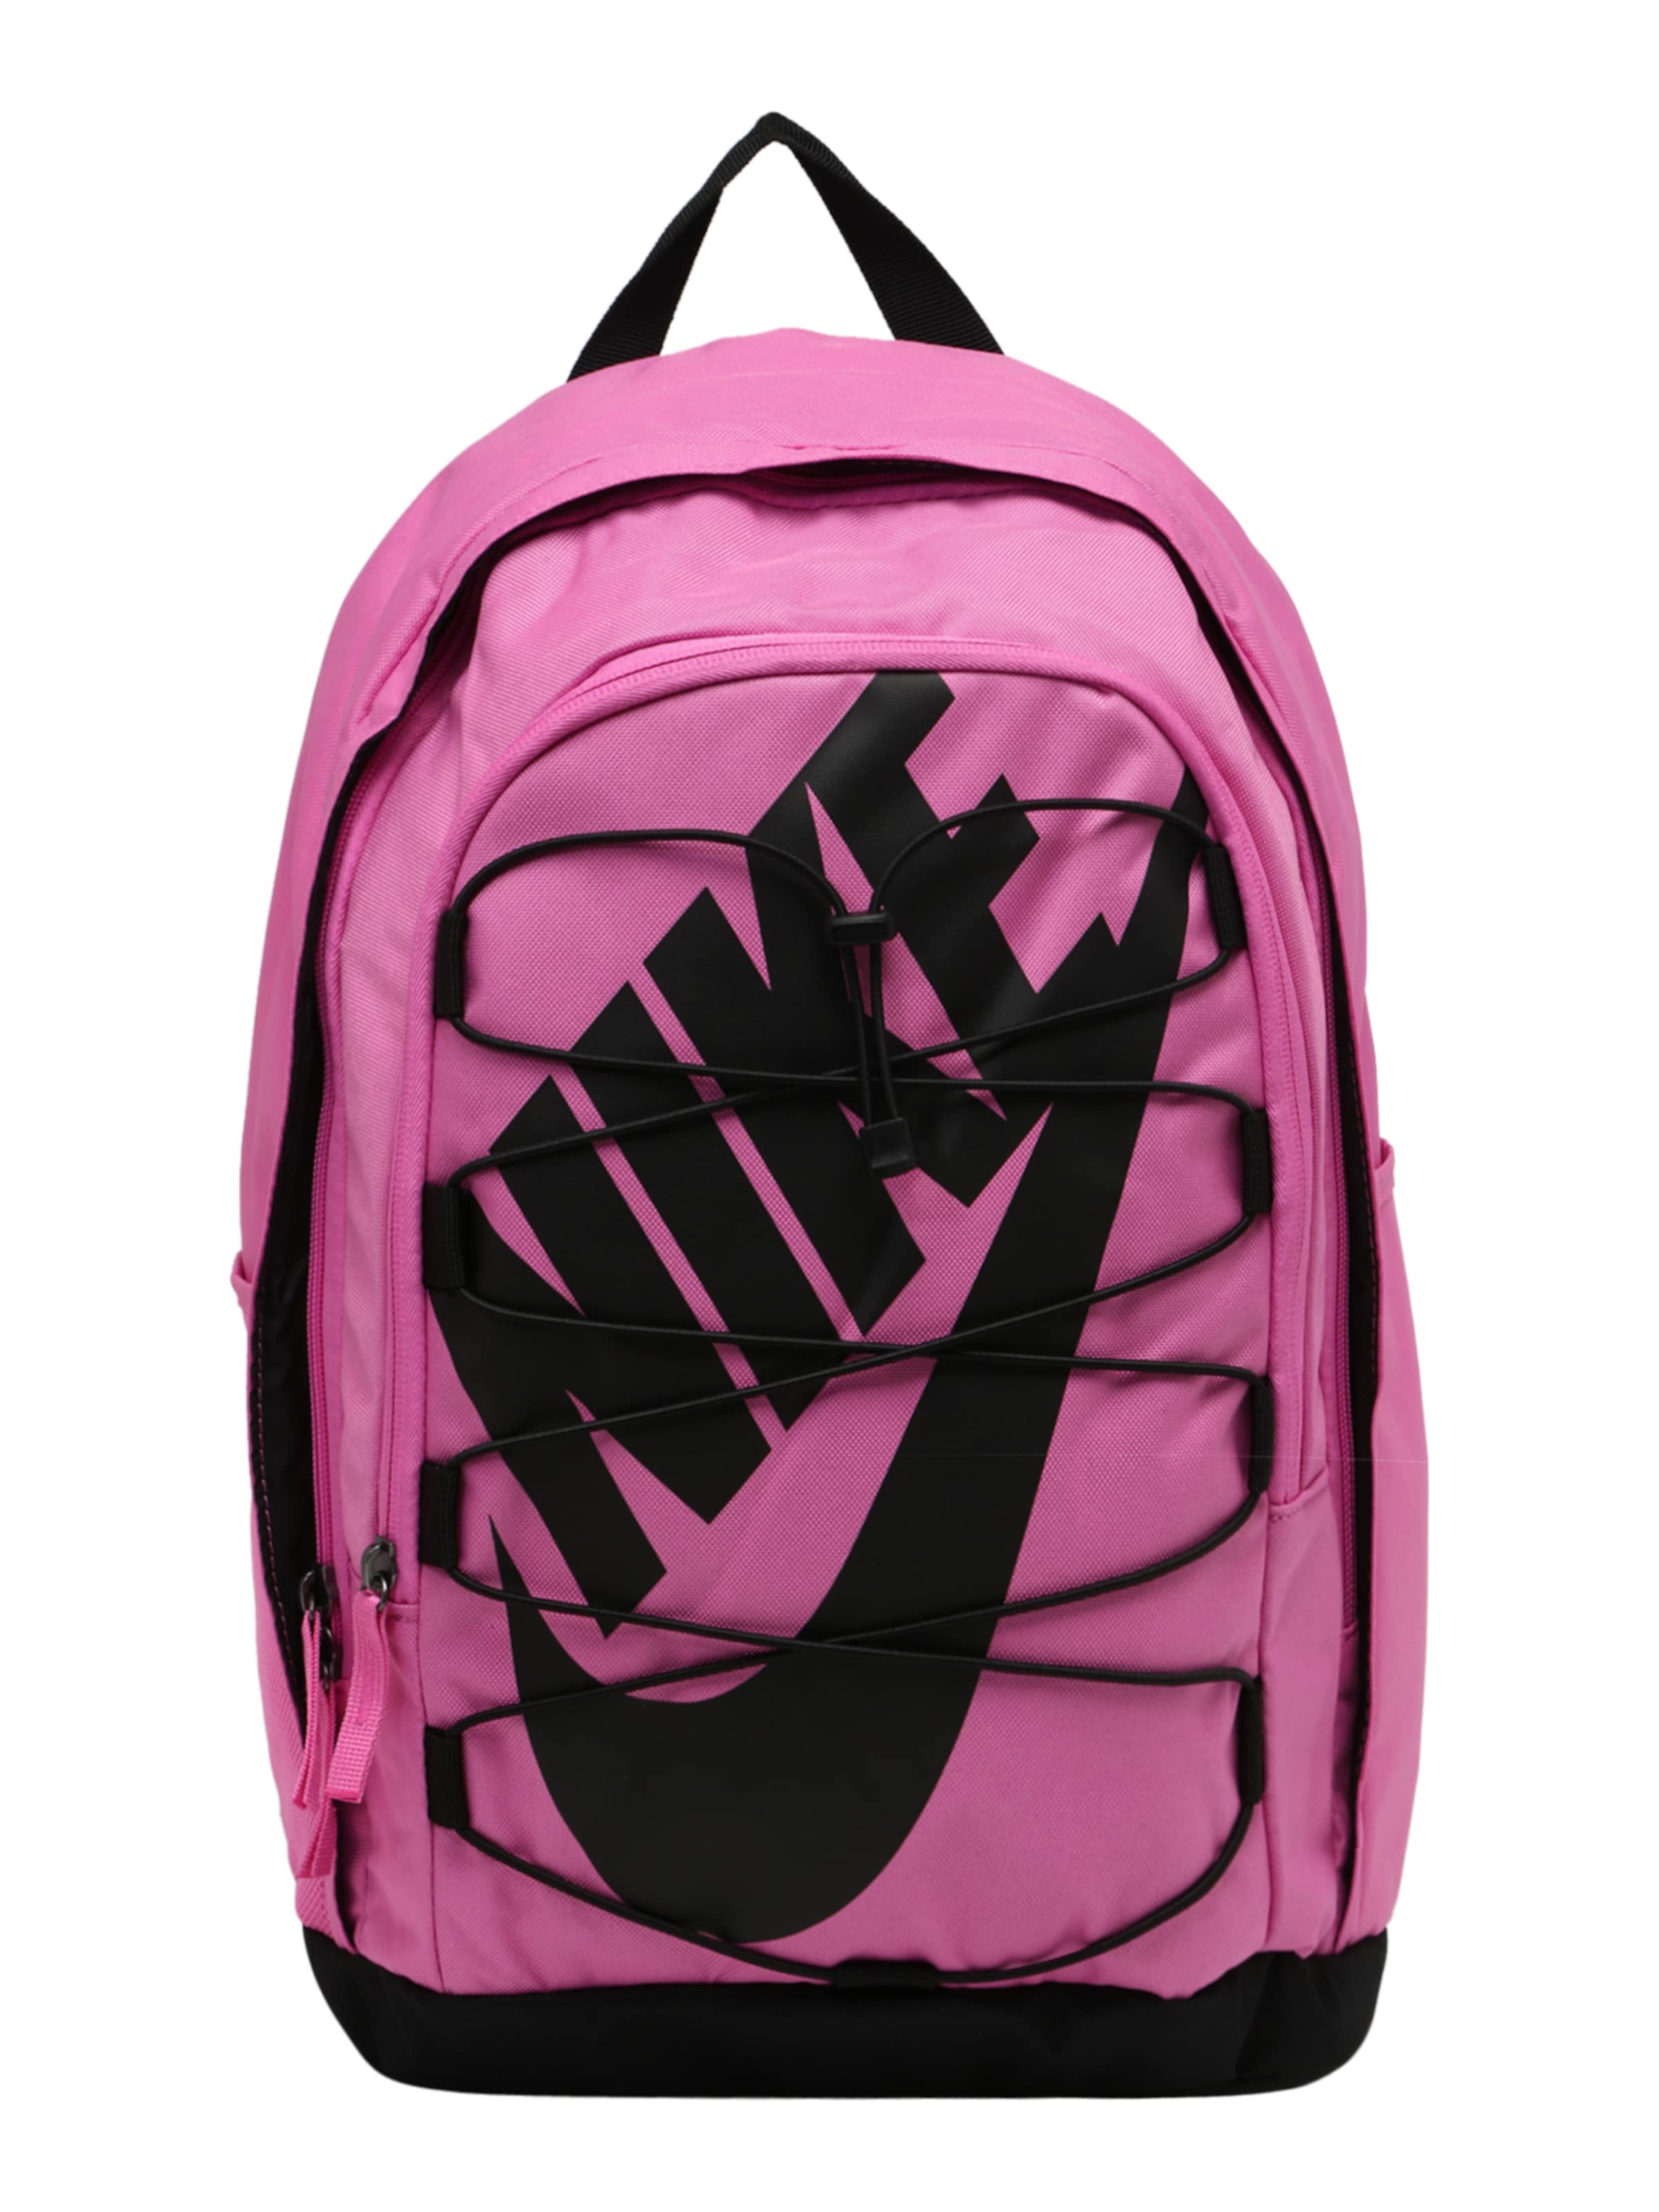 Rugzak Rosé Sportswear Rugzak Nike Nike In Nike Rosé Sportswear In VzGqSUMp